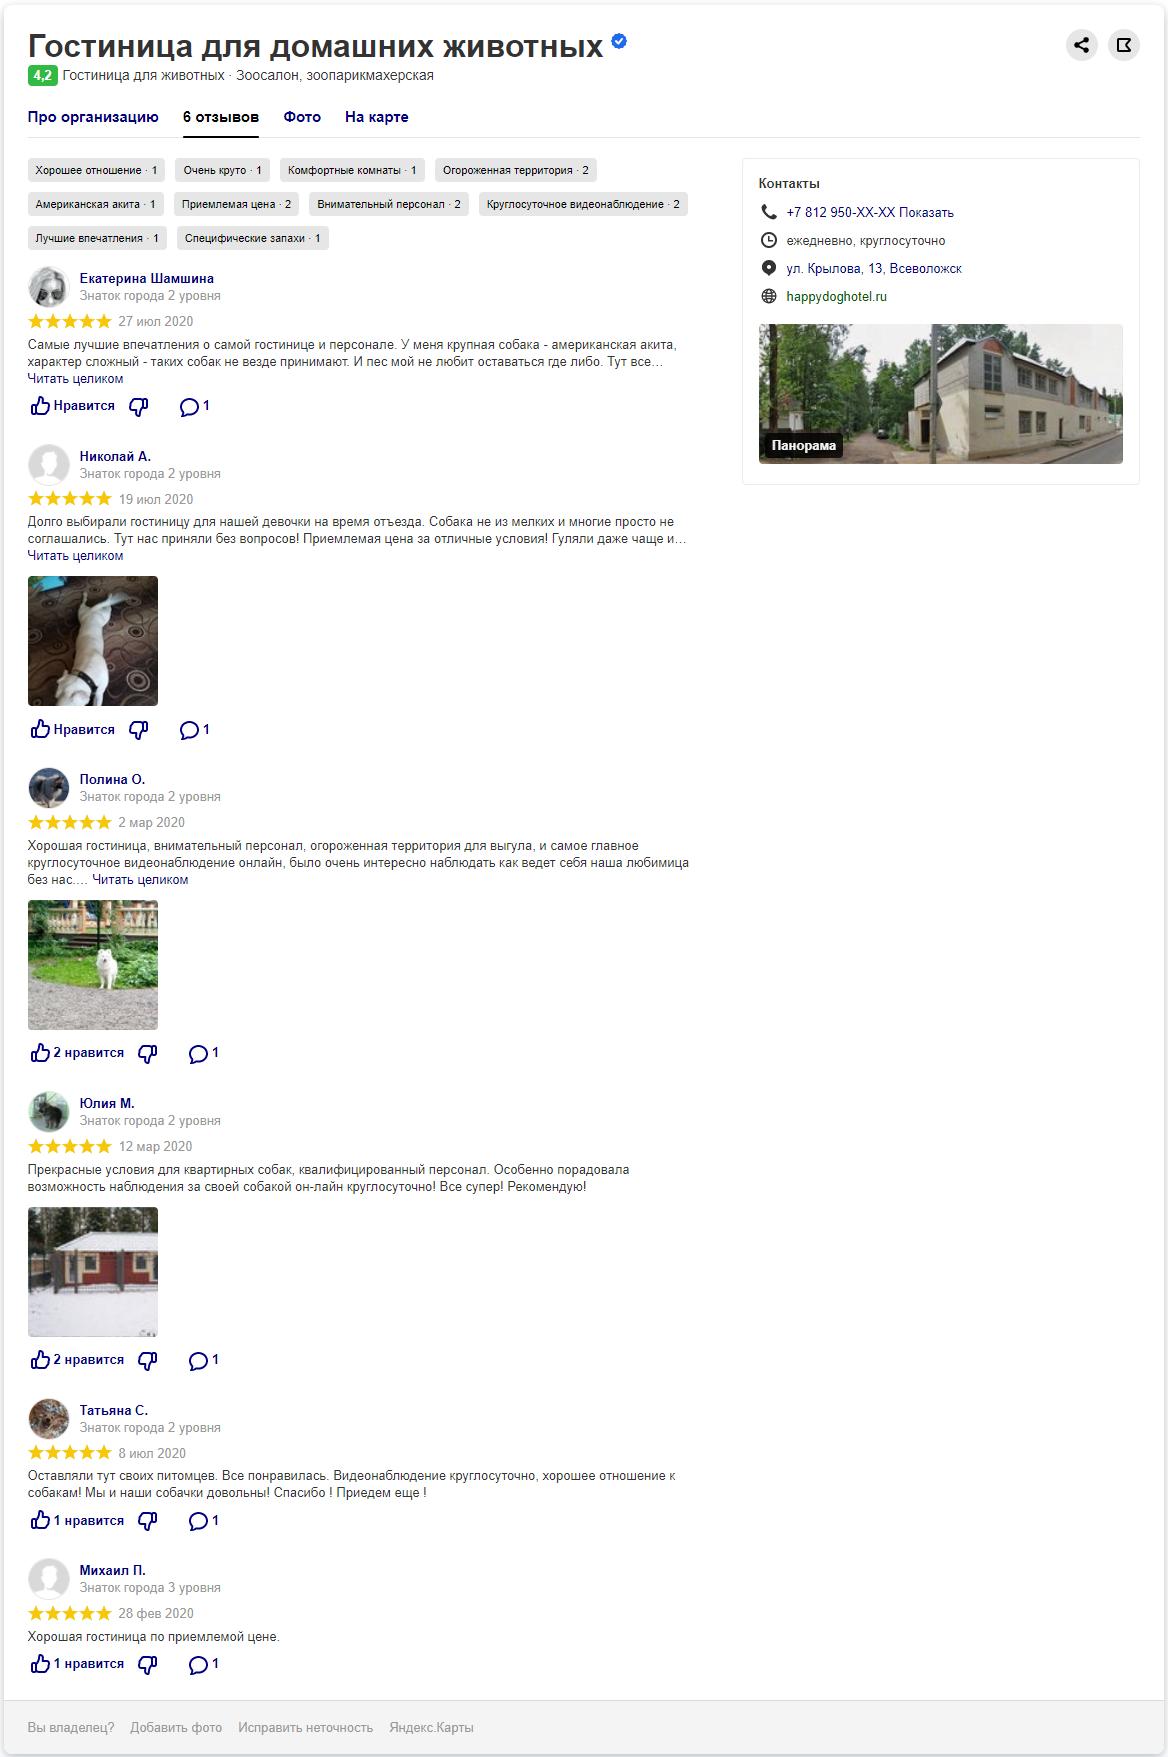 Отзывы о зоогостинице